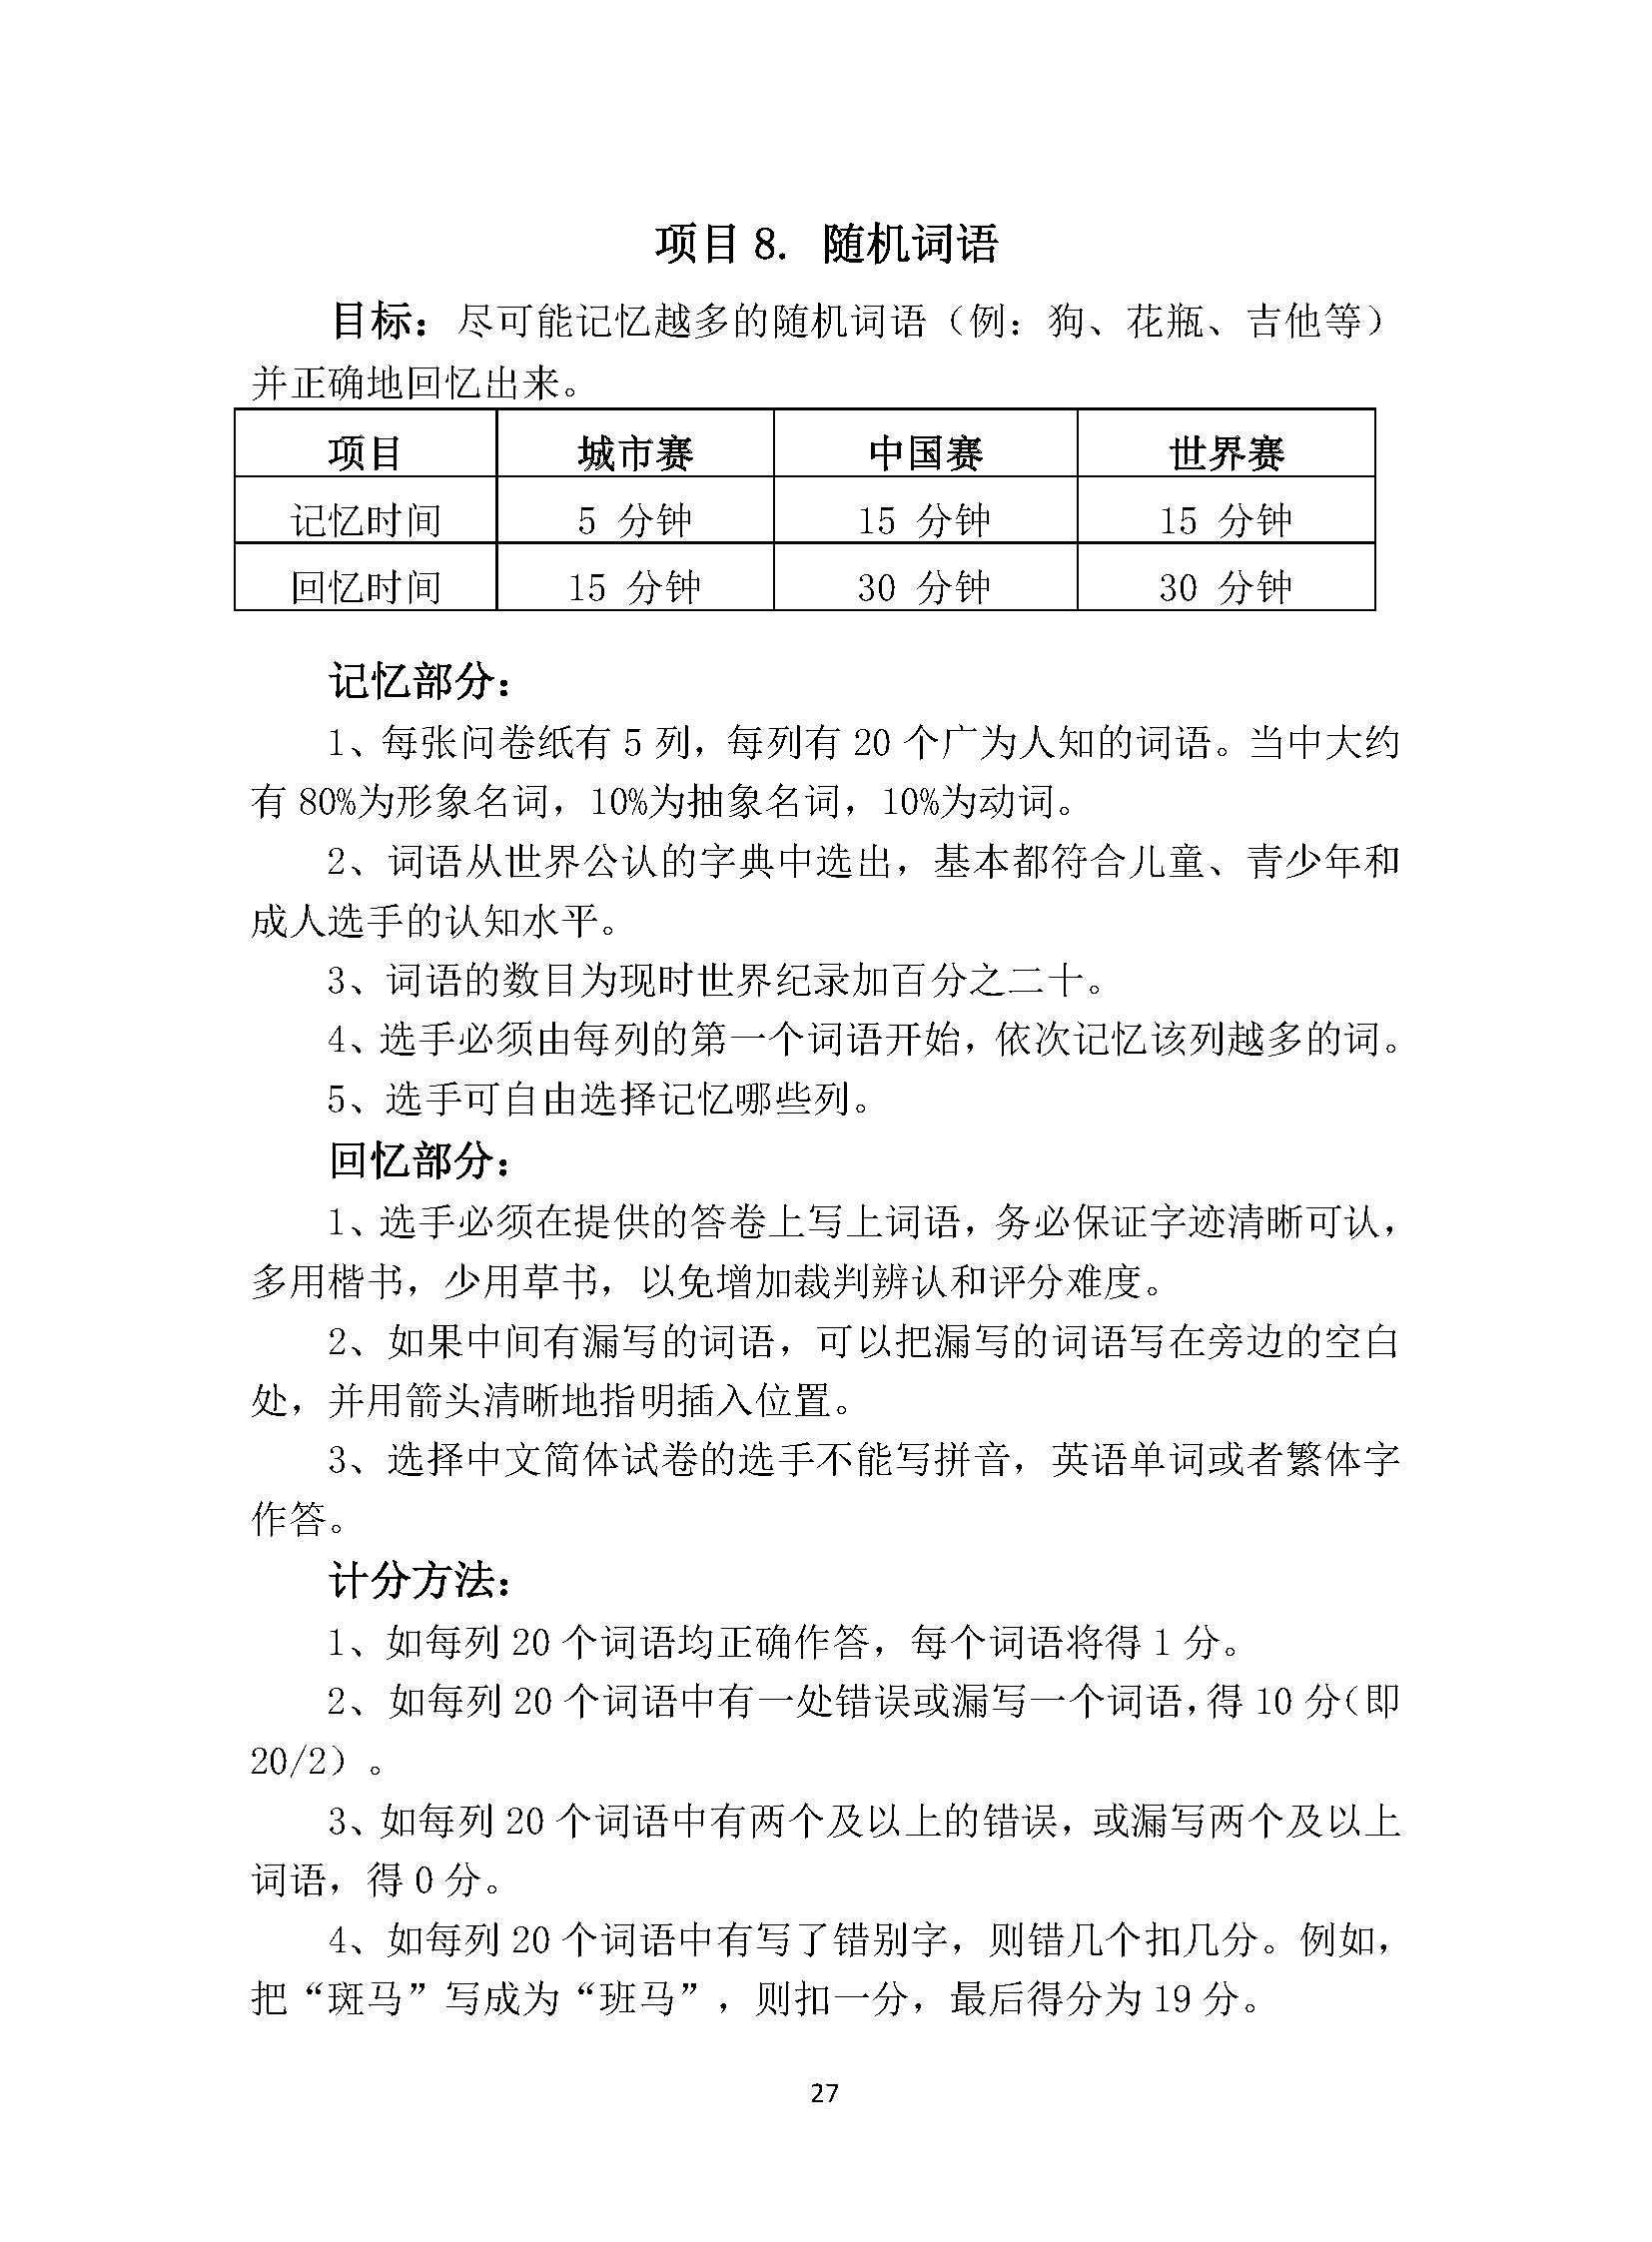 2019WMC选手训练手册-十大项目规则_页面_27